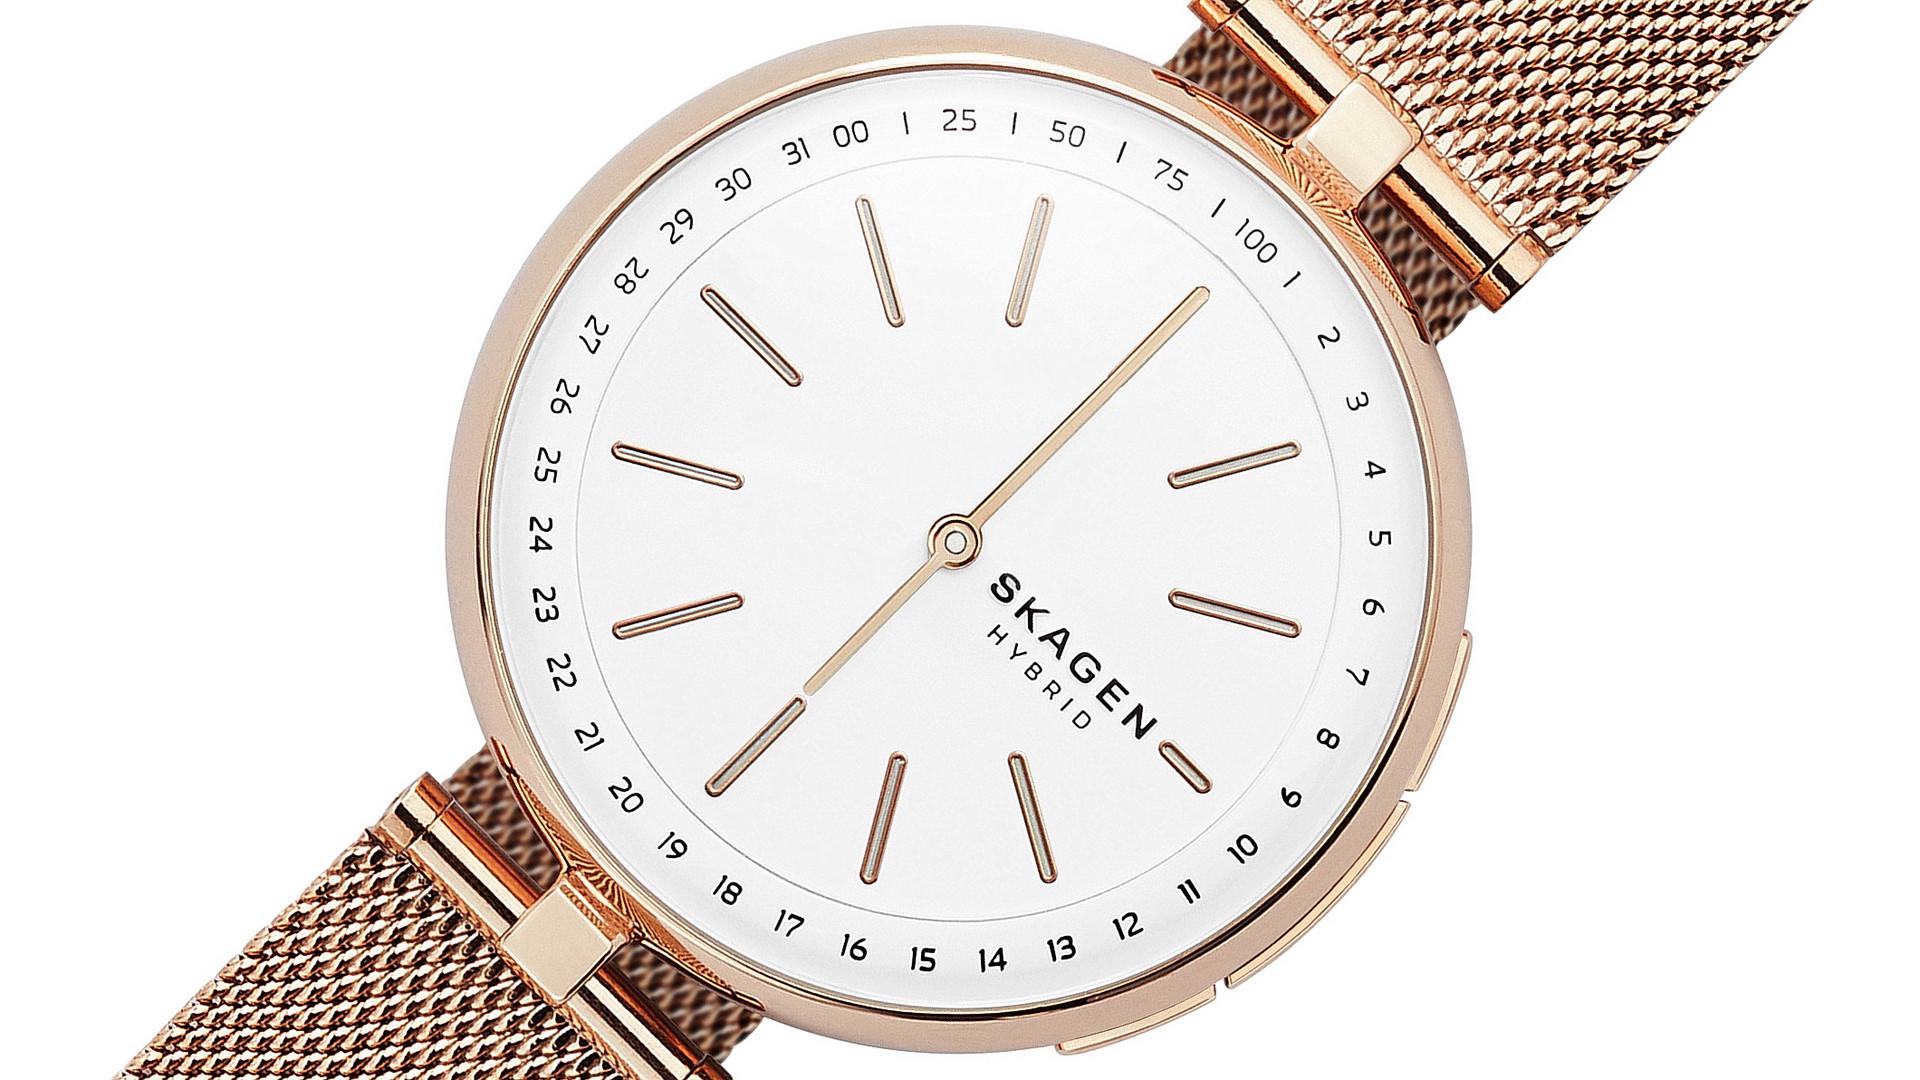 Skagen Signatur T-Bar: Modische Damen-Smartwatch ab 200 Euro ...